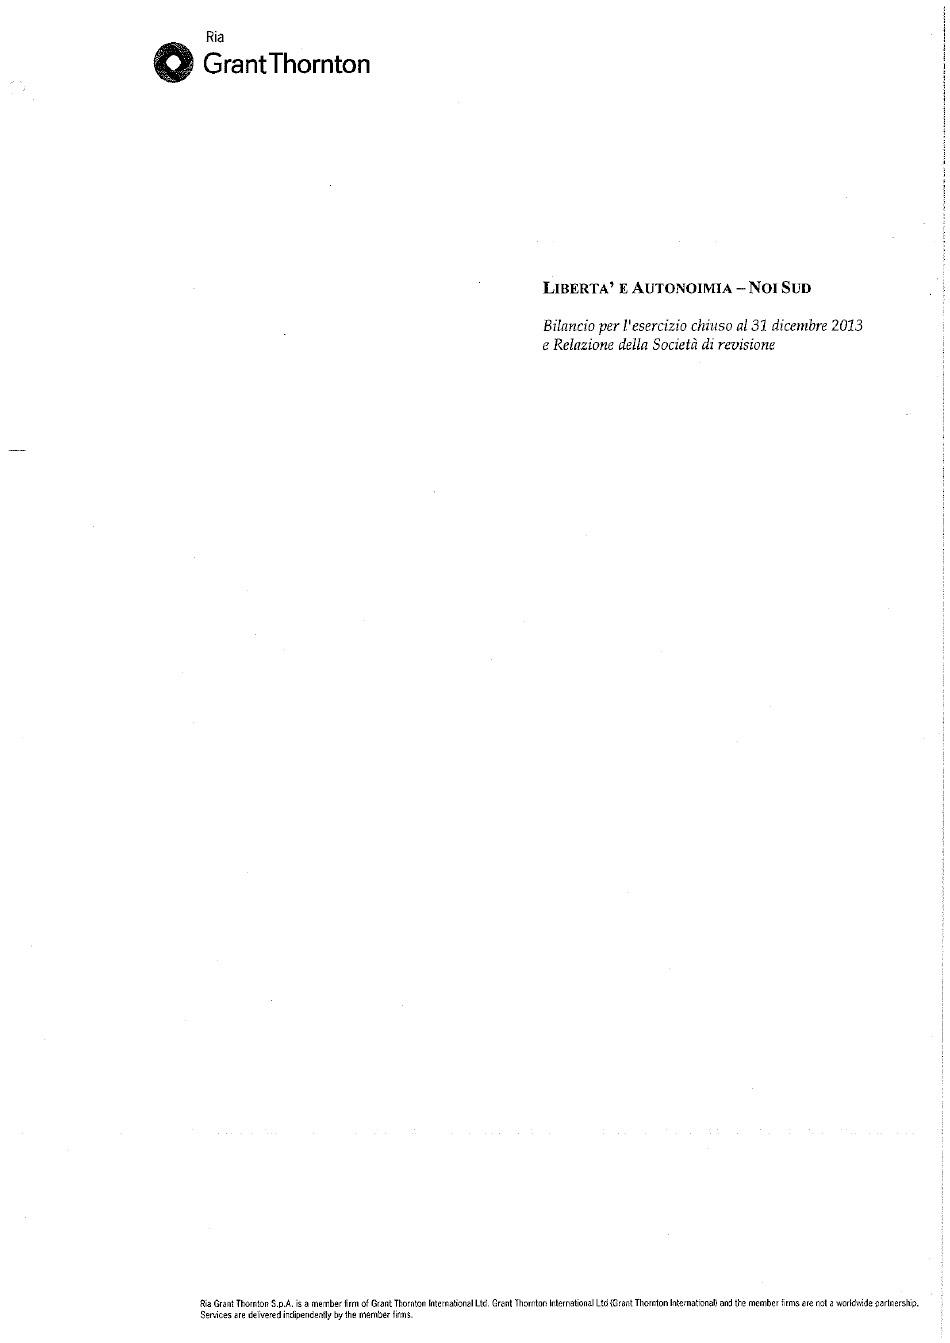 relazione-societ-di-revisione-2013-1